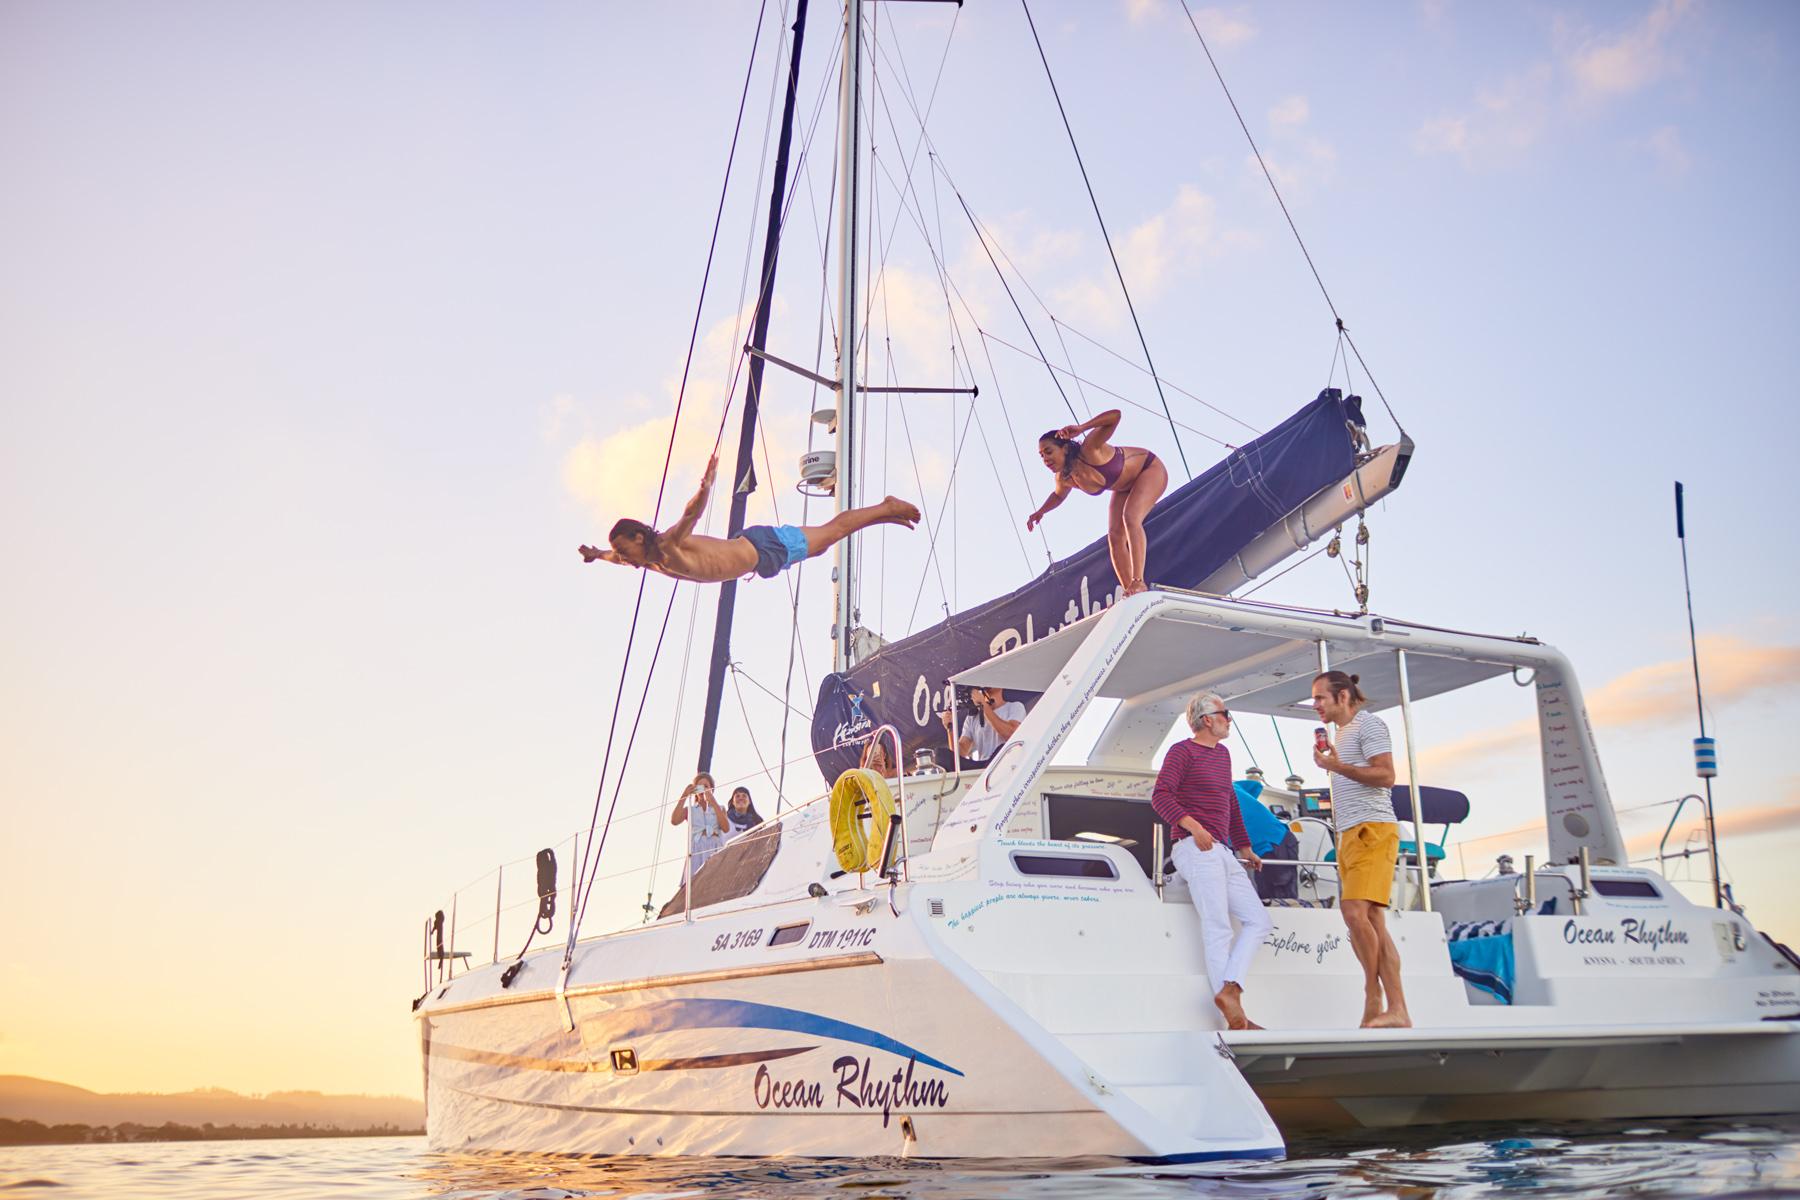 Ocean Sailing in Plett - Spring special offer